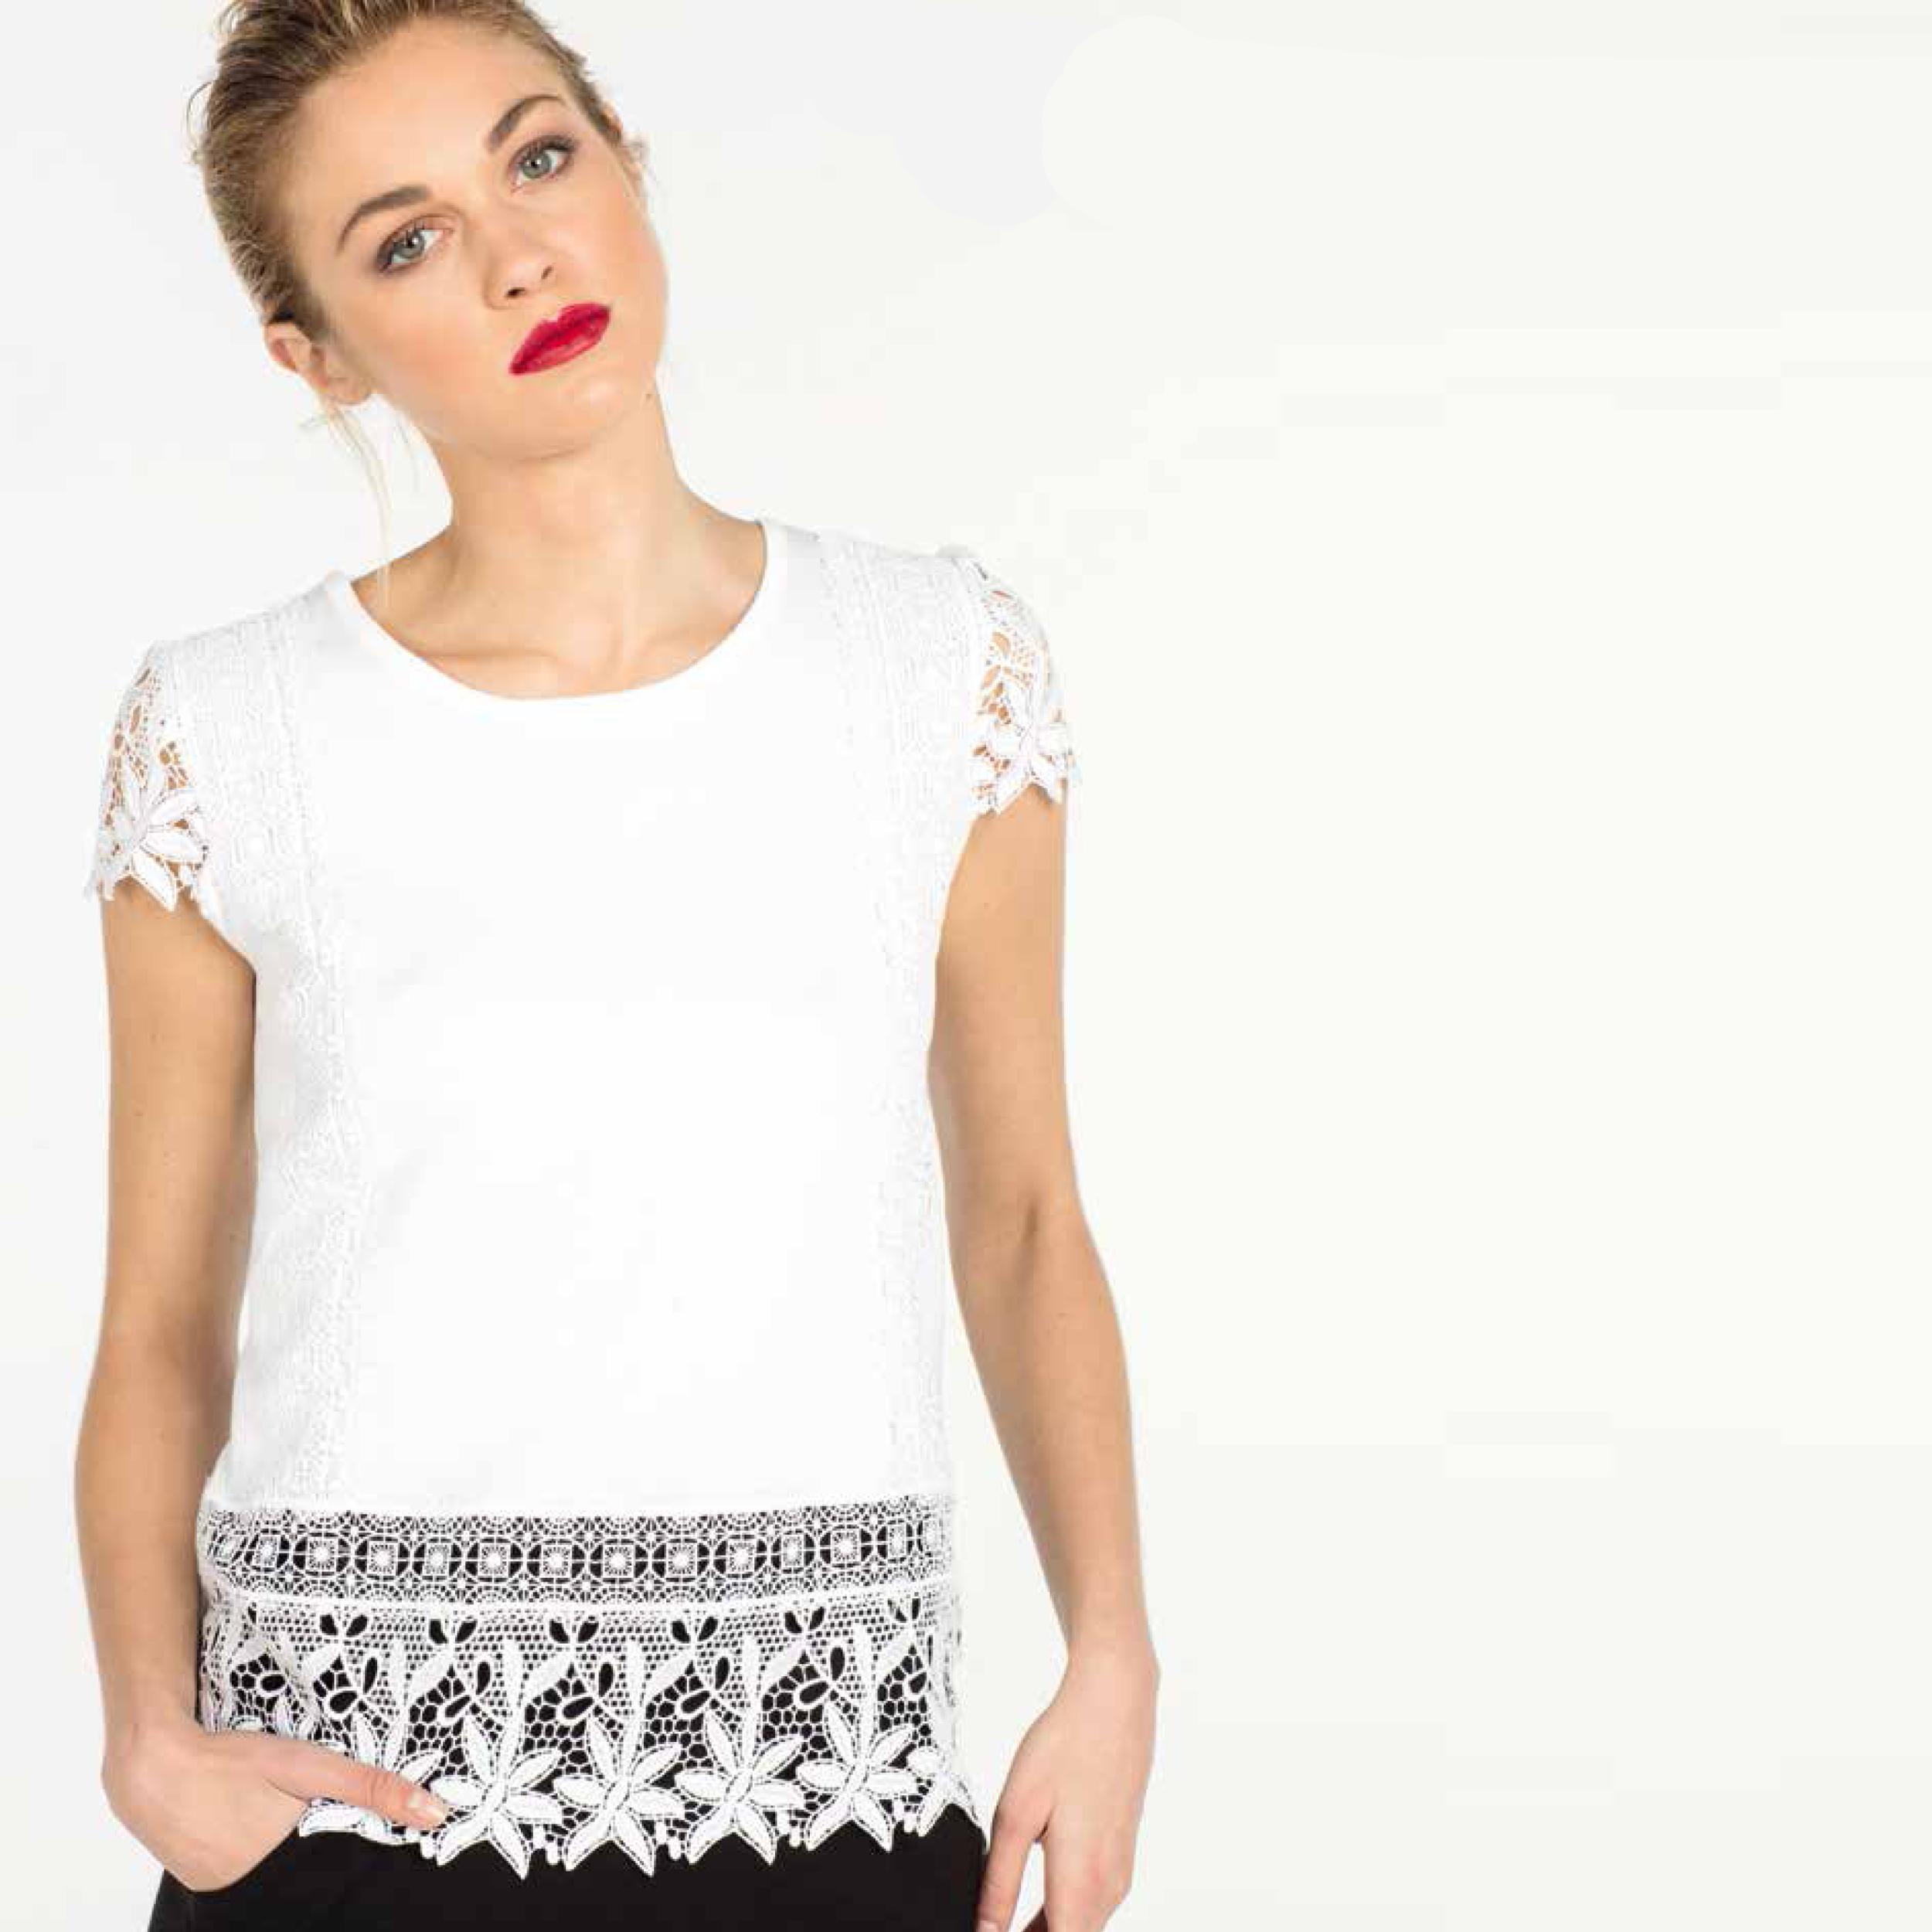 f9f86c3fb212 Скачать Каталоги коллекций модной одежды